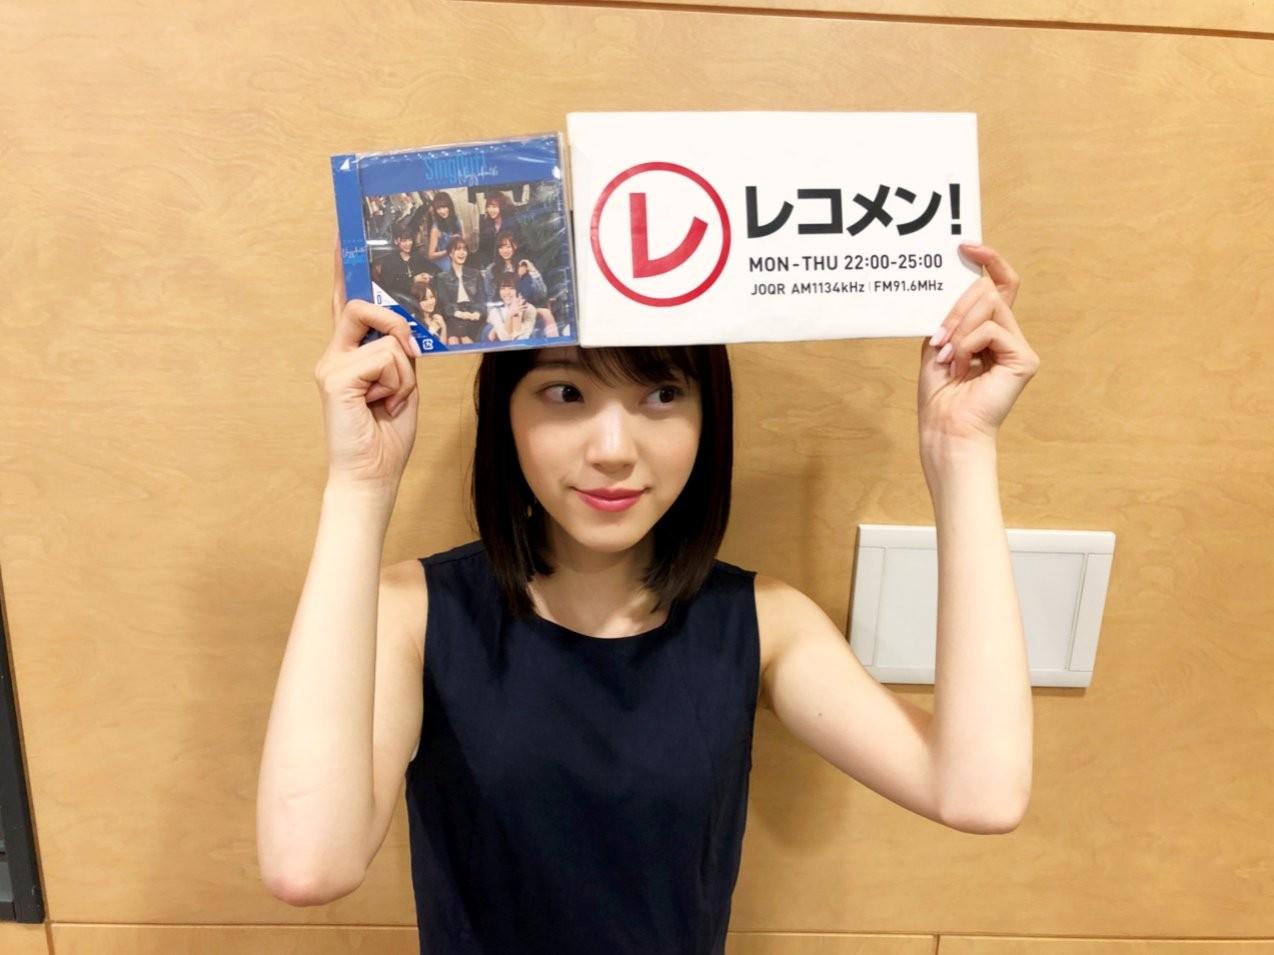 レコメン 乃木坂46 堀未央奈